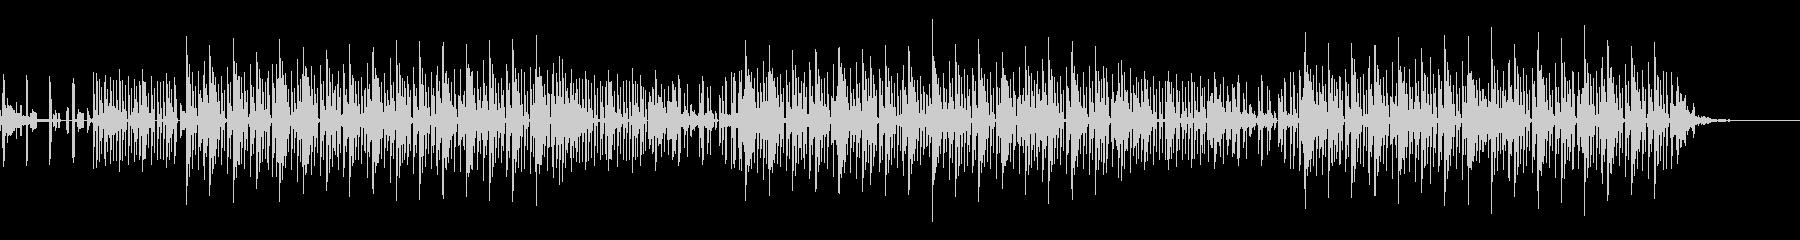 シンセサイザーを使った静かなBGMの未再生の波形